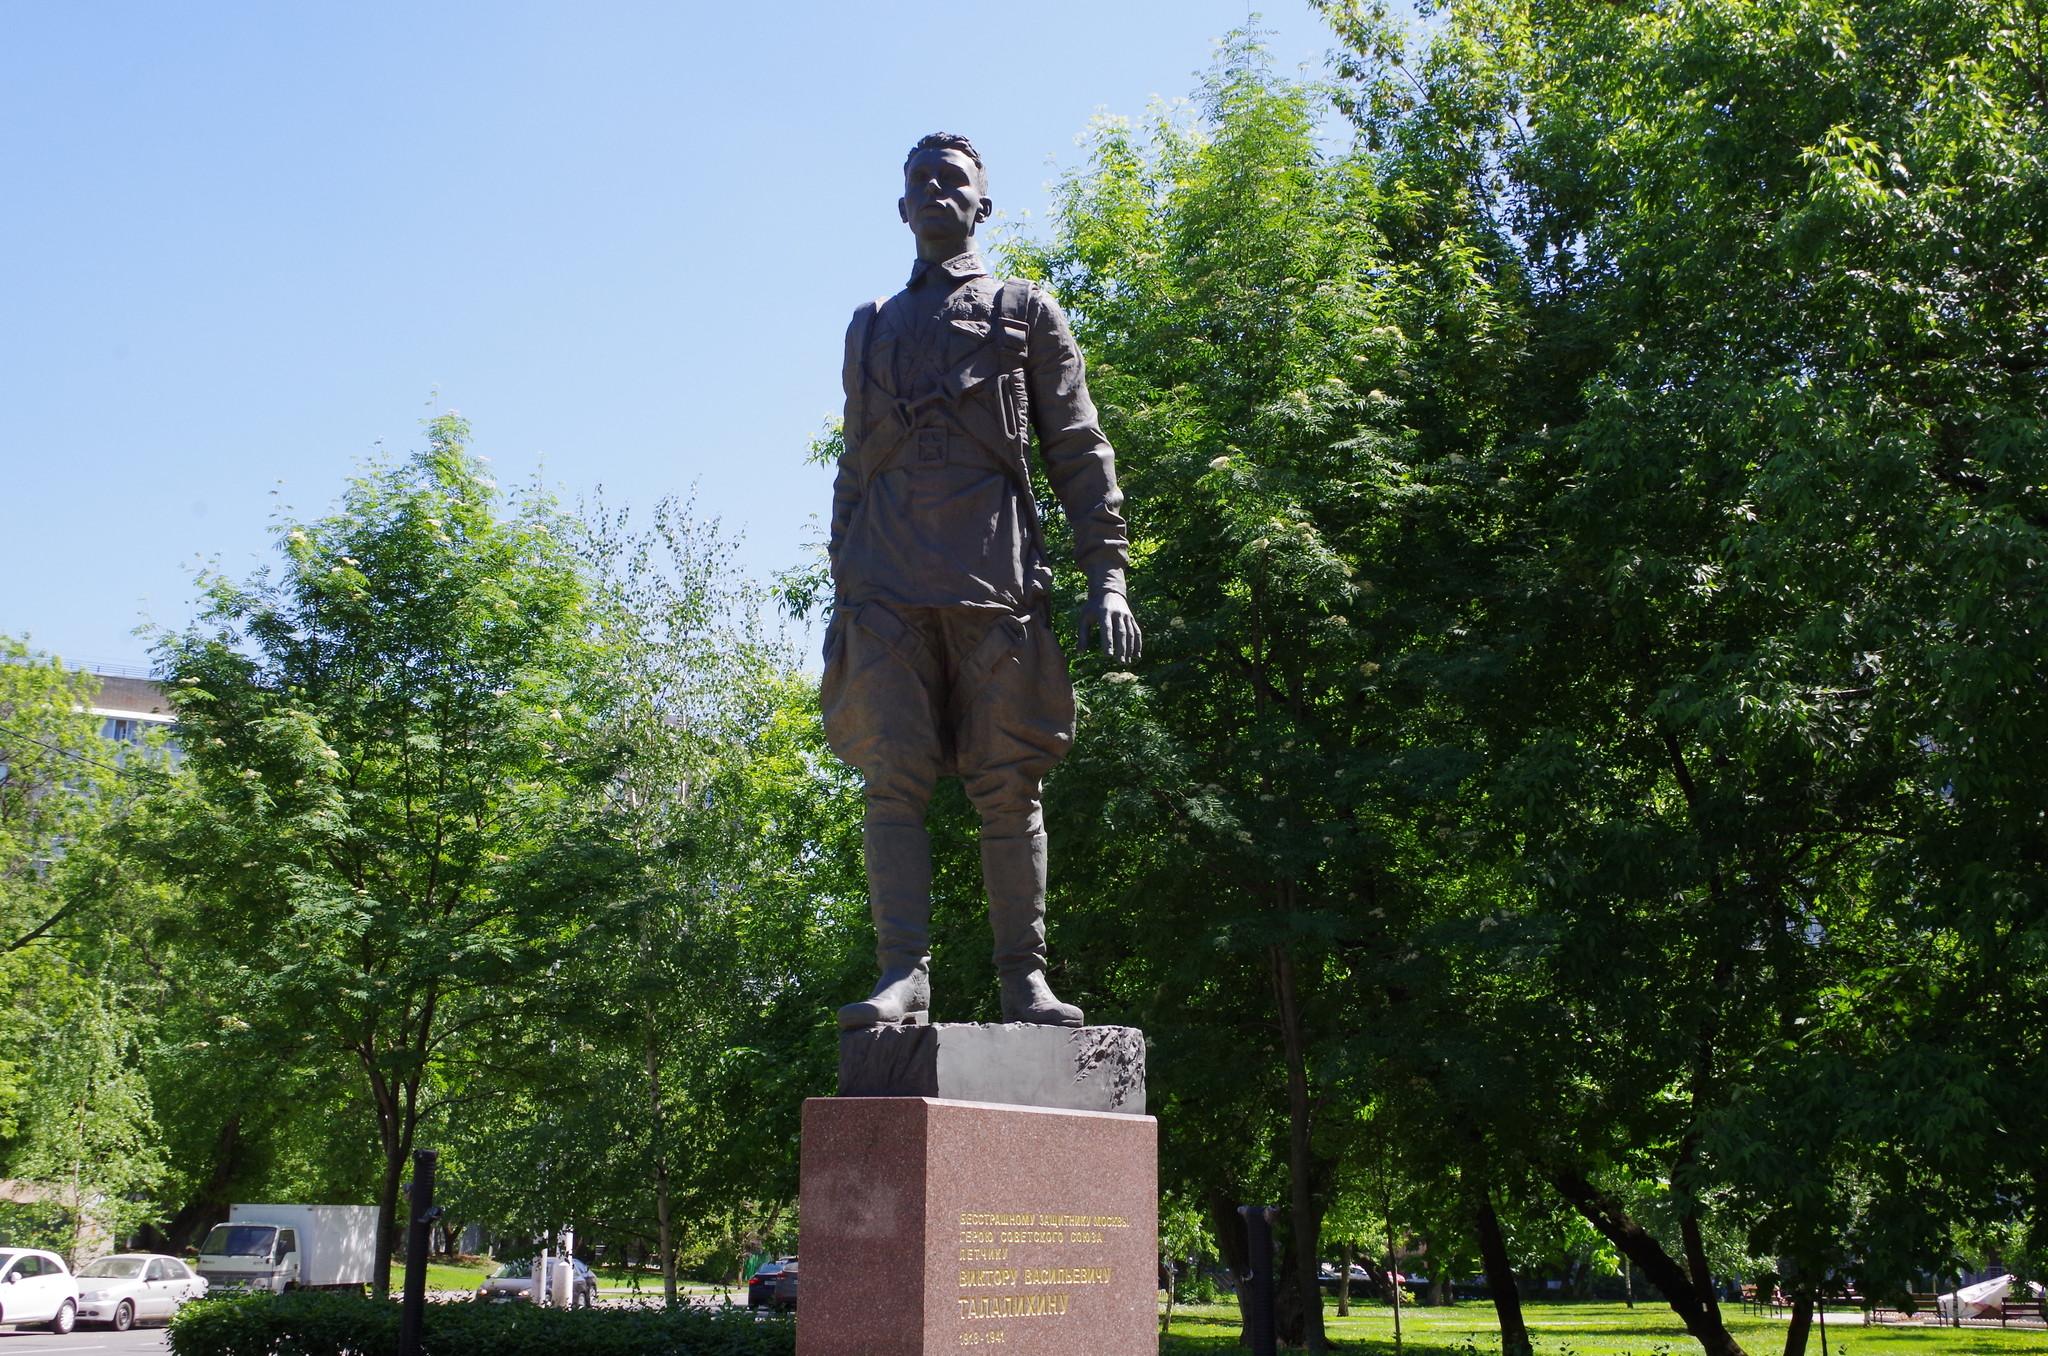 Памятник Герою Советского Союза лётчику-истребителю В.В. Талалихину